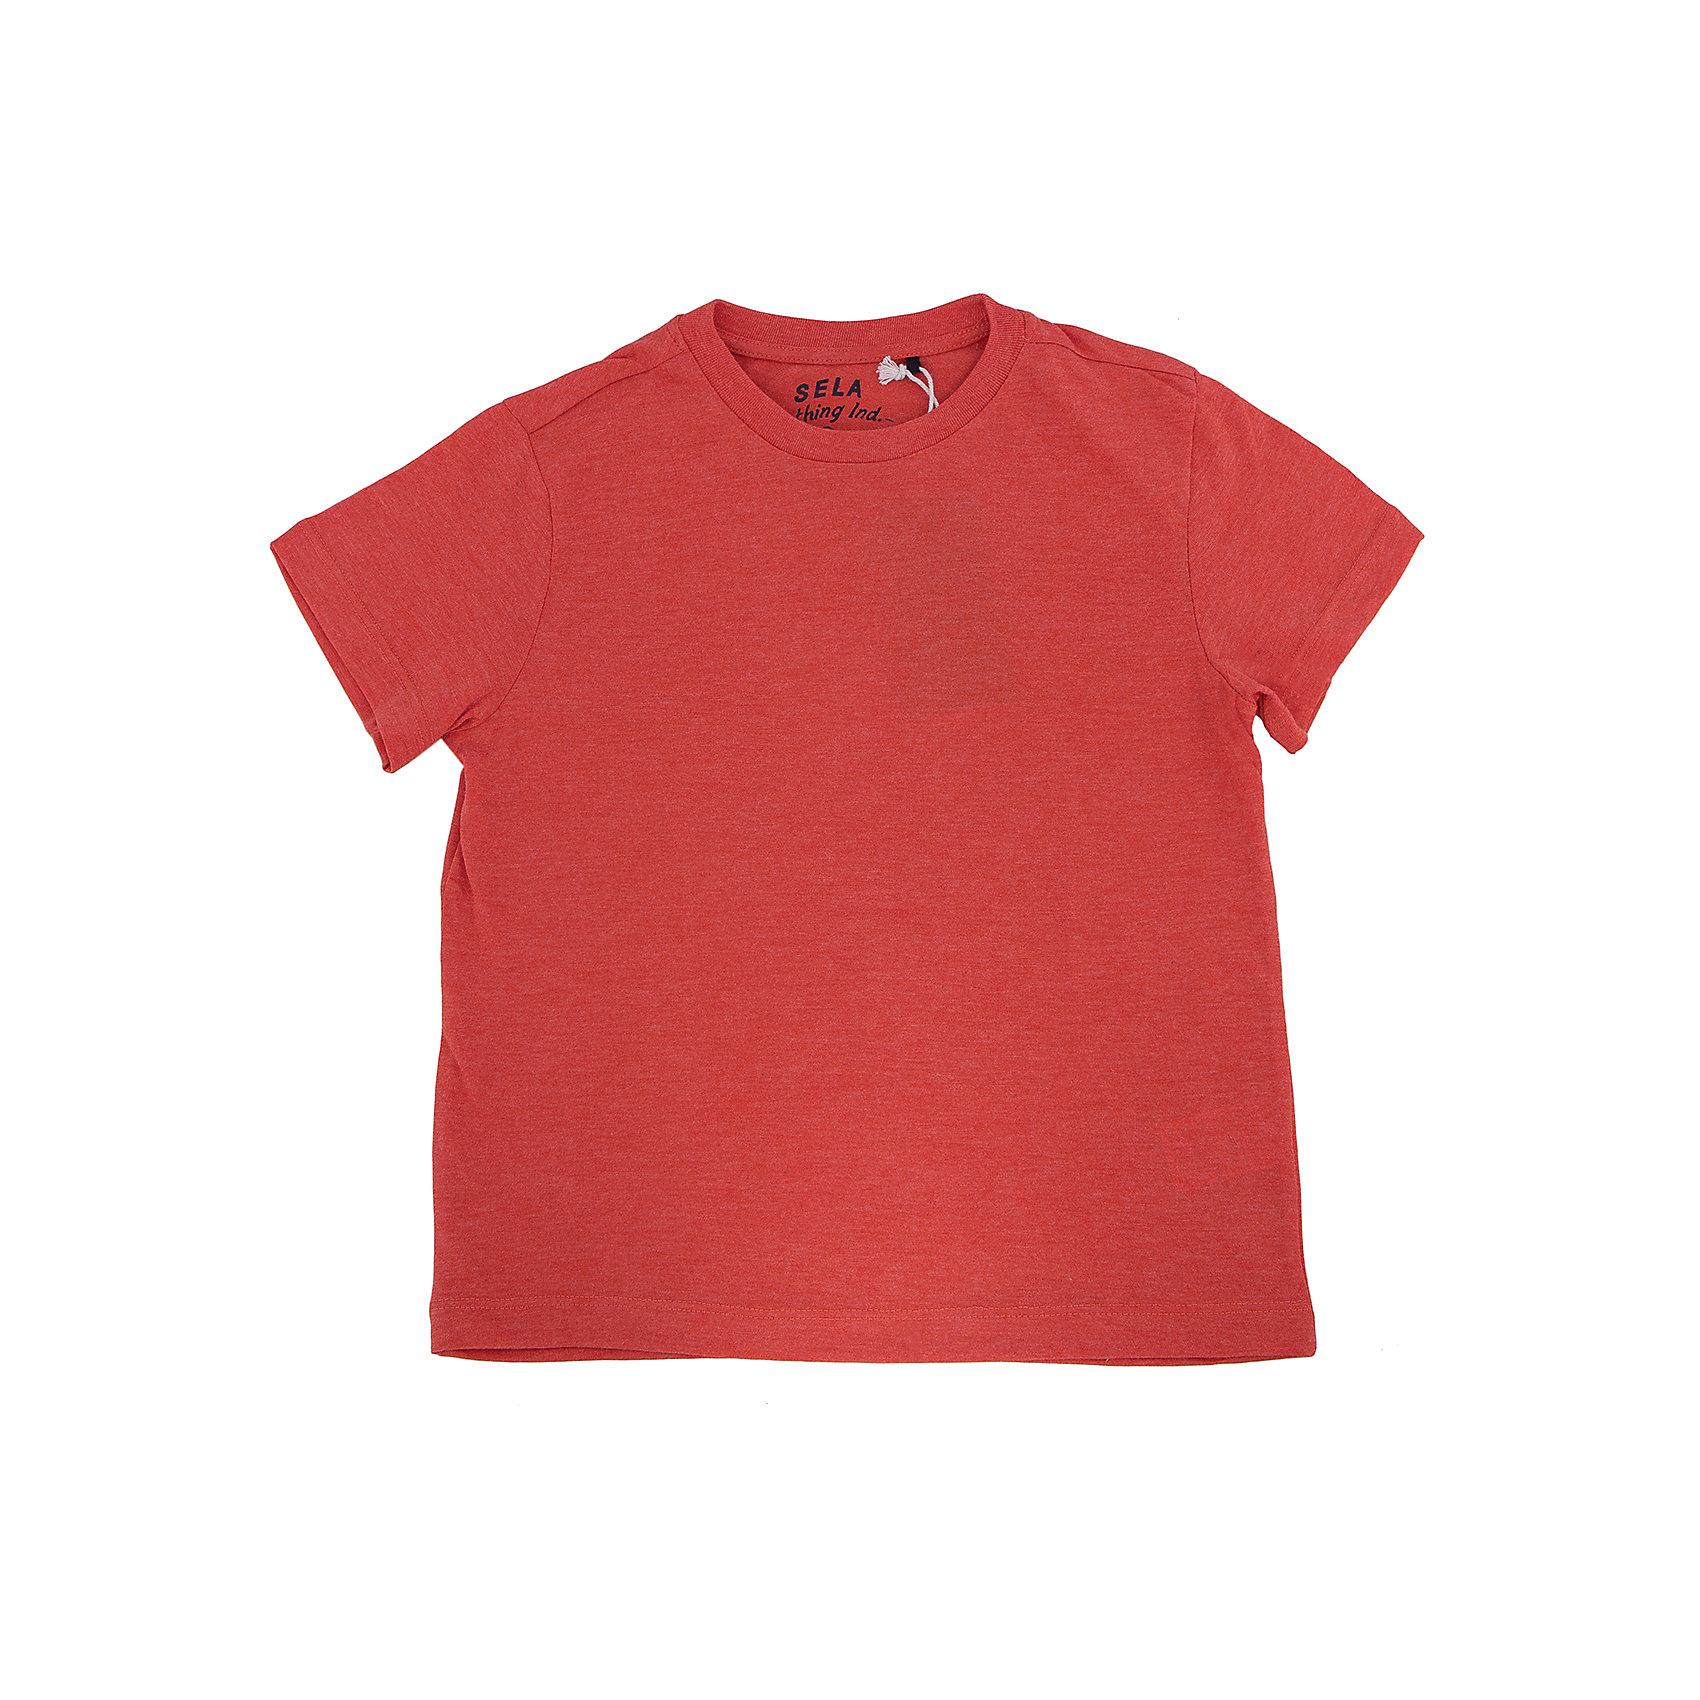 Футболка для мальчика SELAФутболки, поло и топы<br>Футболка для мальчика из коллекции осень-зима 2016-2017 от известного бренда Sela(сэла). Модель имеет короткие рукава и прямой силуэт. Классическая однотонная футболка - лучший вариант для прогулок!<br>Особенности:<br>-короткие рукава<br>-прямой силуэт<br>Состав: 20% ПЭ, 80% хлопок<br>Футболку для мальчиков Sela(сэла) можно купить в нашем интернет-магазине.<br><br>Ширина мм: 199<br>Глубина мм: 10<br>Высота мм: 161<br>Вес г: 151<br>Цвет: оранжевый<br>Возраст от месяцев: 120<br>Возраст до месяцев: 132<br>Пол: Мужской<br>Возраст: Детский<br>Размер: 116,122,128,134,140,146,152<br>SKU: 4883864